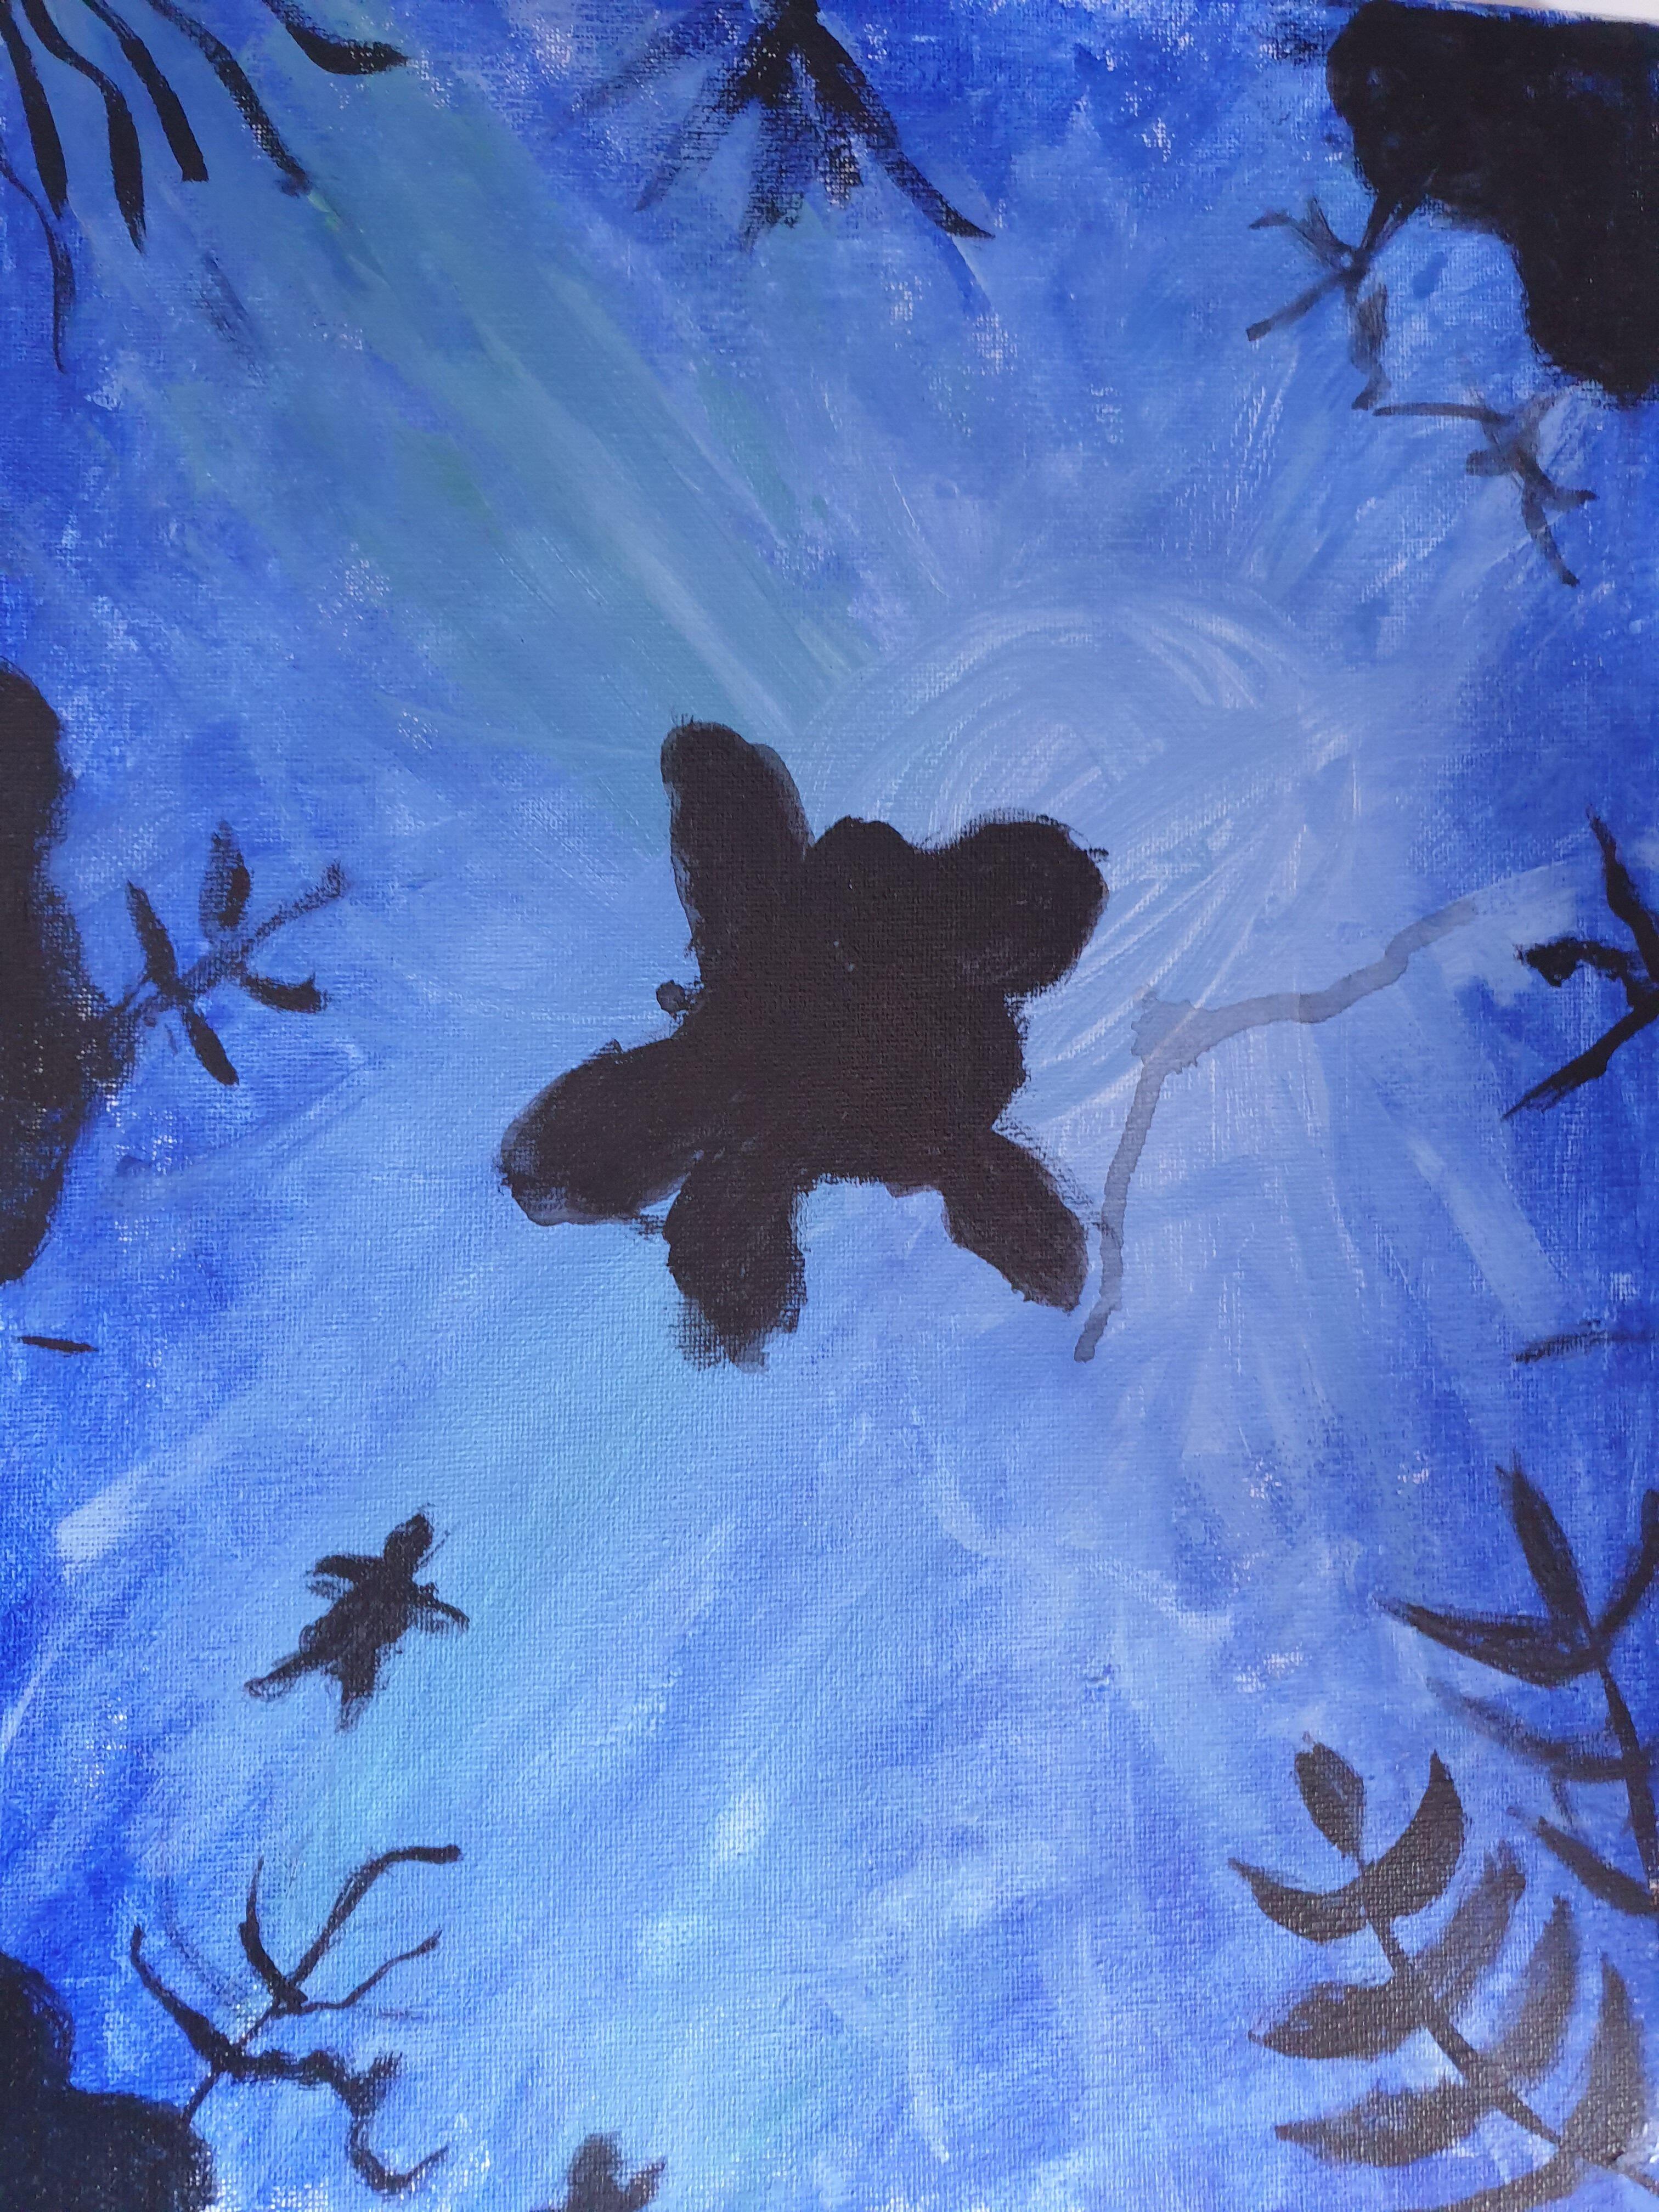 Mangroves of UAE by Sanolie Silva